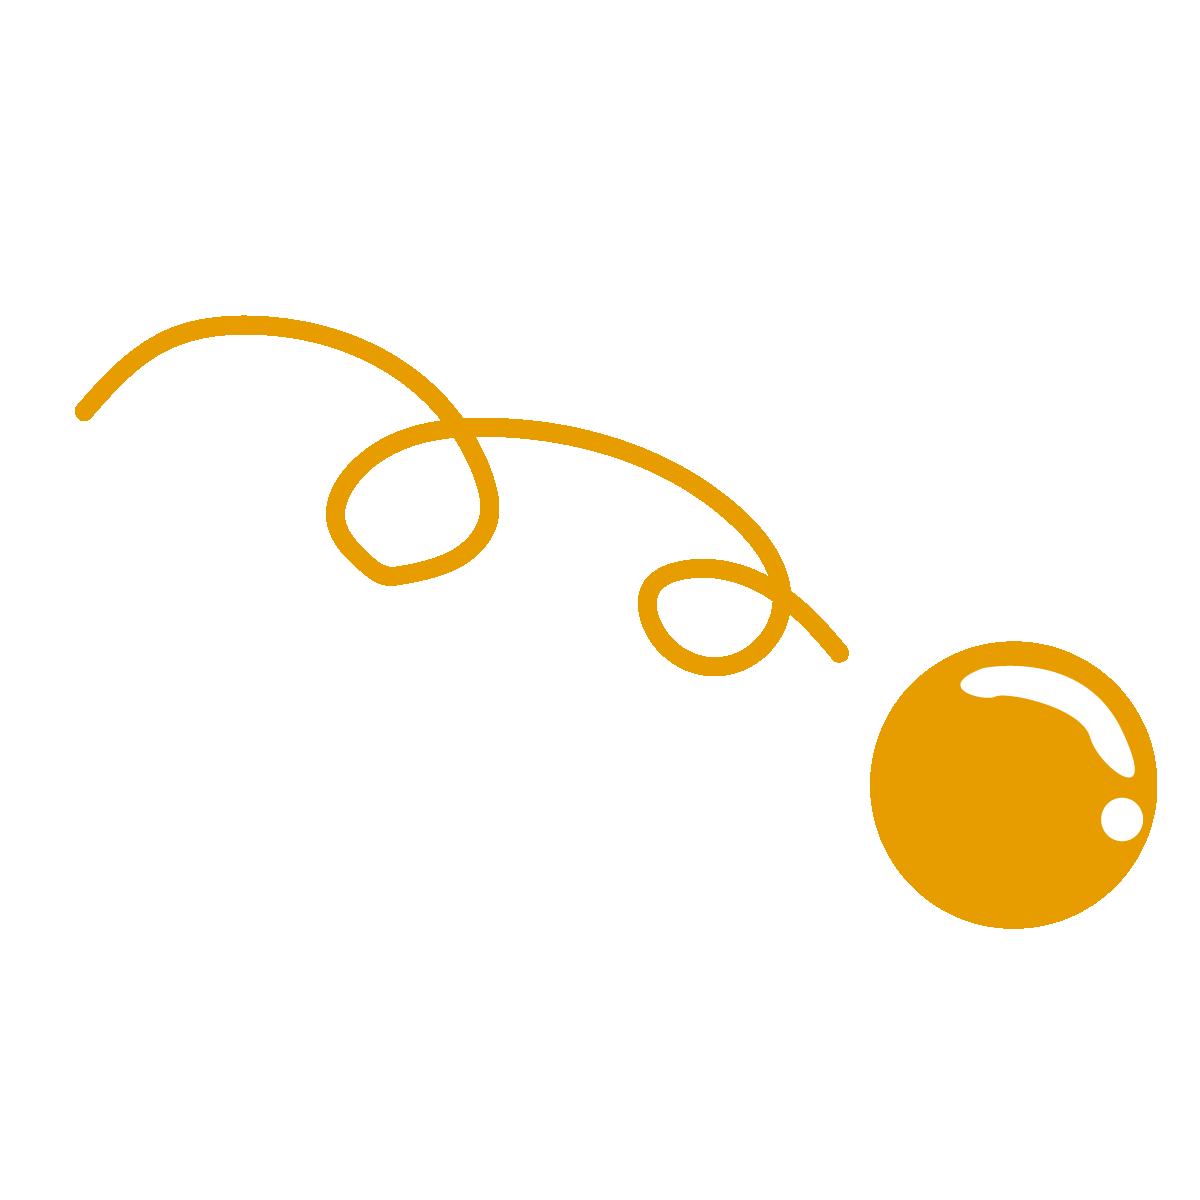 【オノマトペ】コロコロの意味と例文